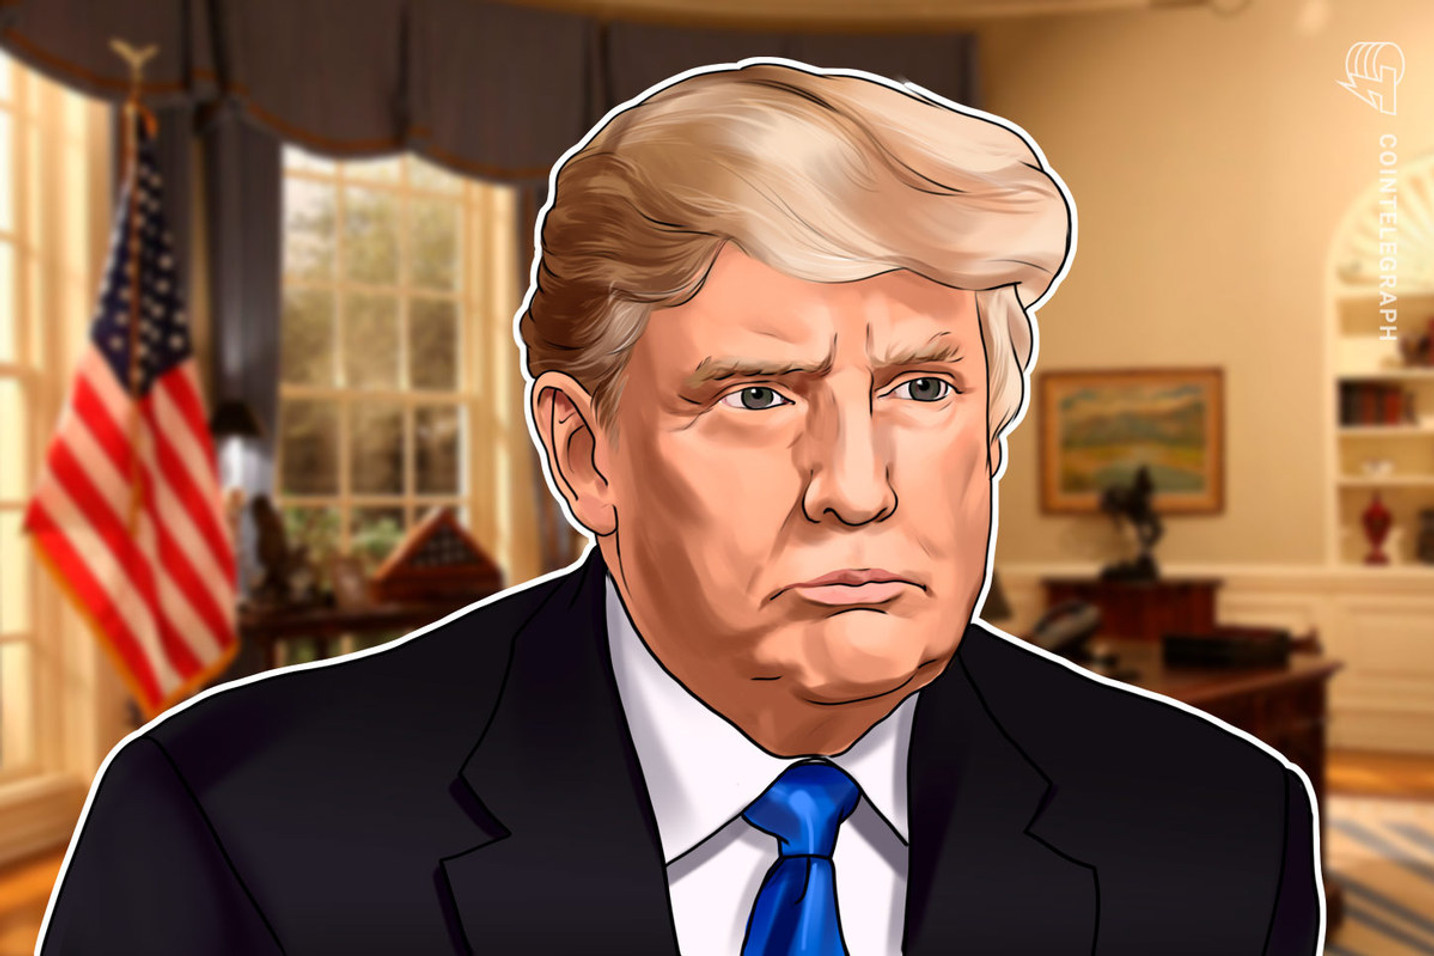 ボルトン氏の暴露本に仮想通貨登場、トランプ大統領がビットコインを「追いかけろ」